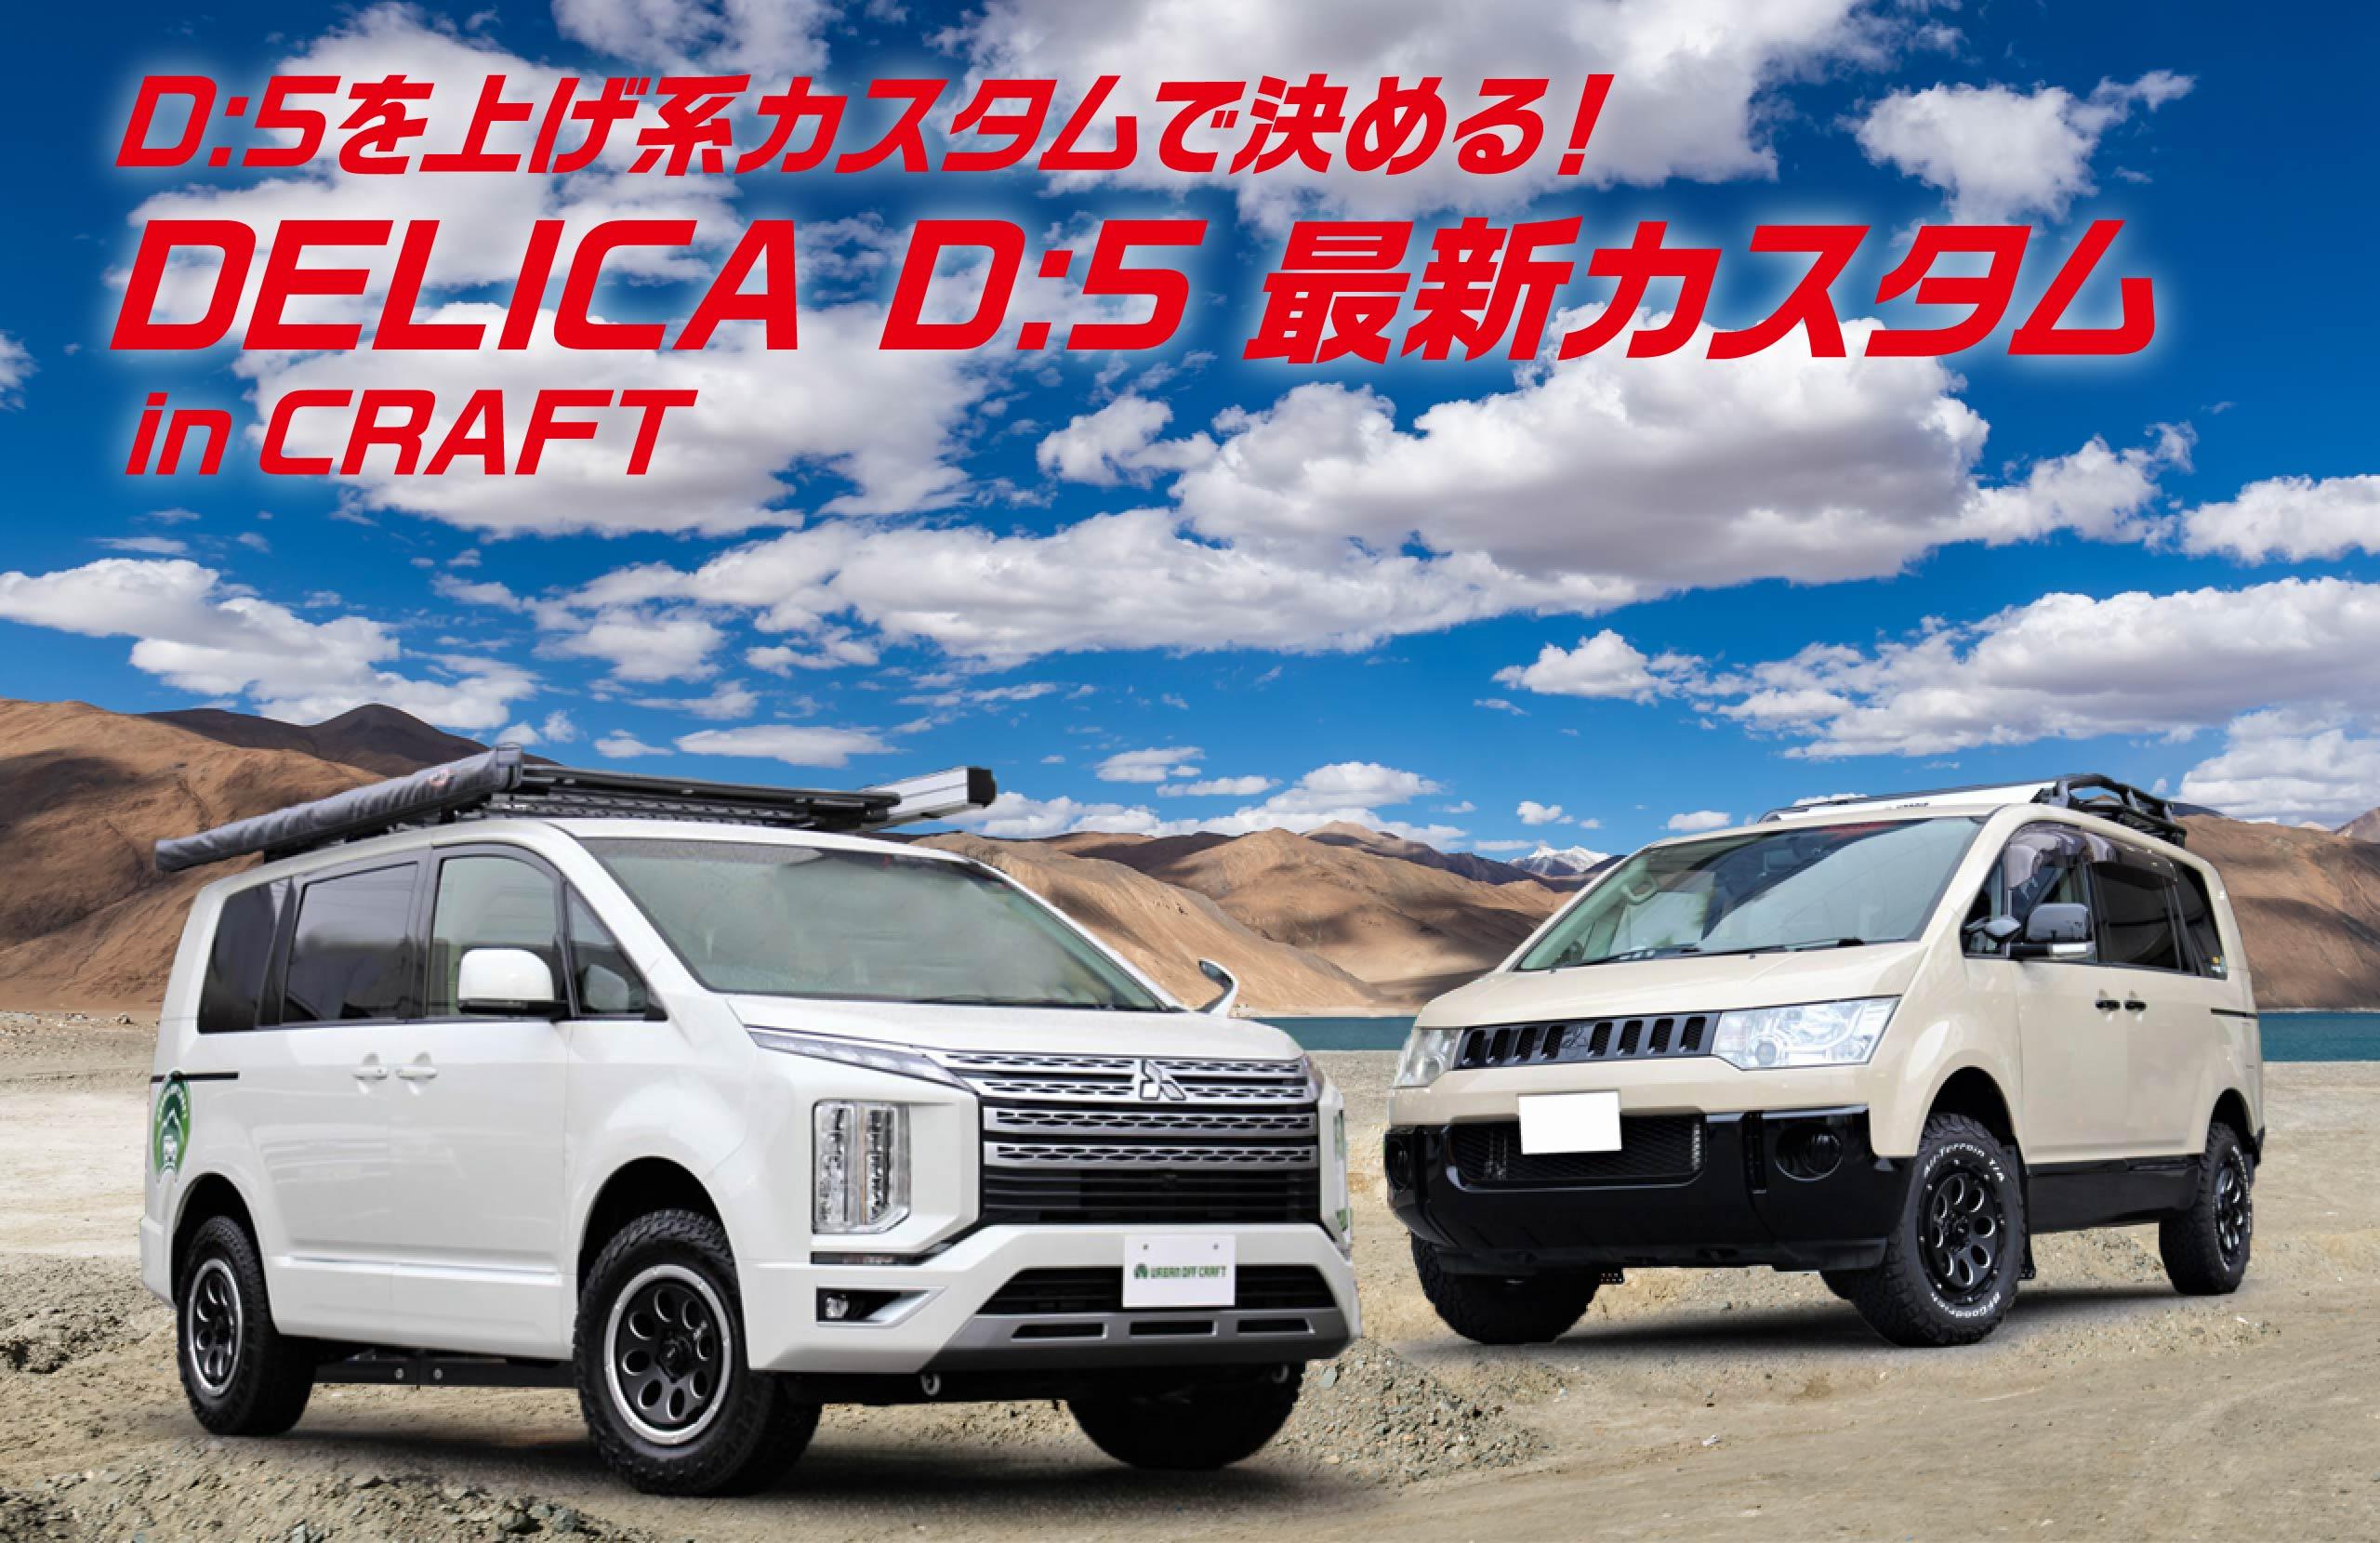 デリカD:5カスタム/オフ系タイヤ&チョイ上げで決める!